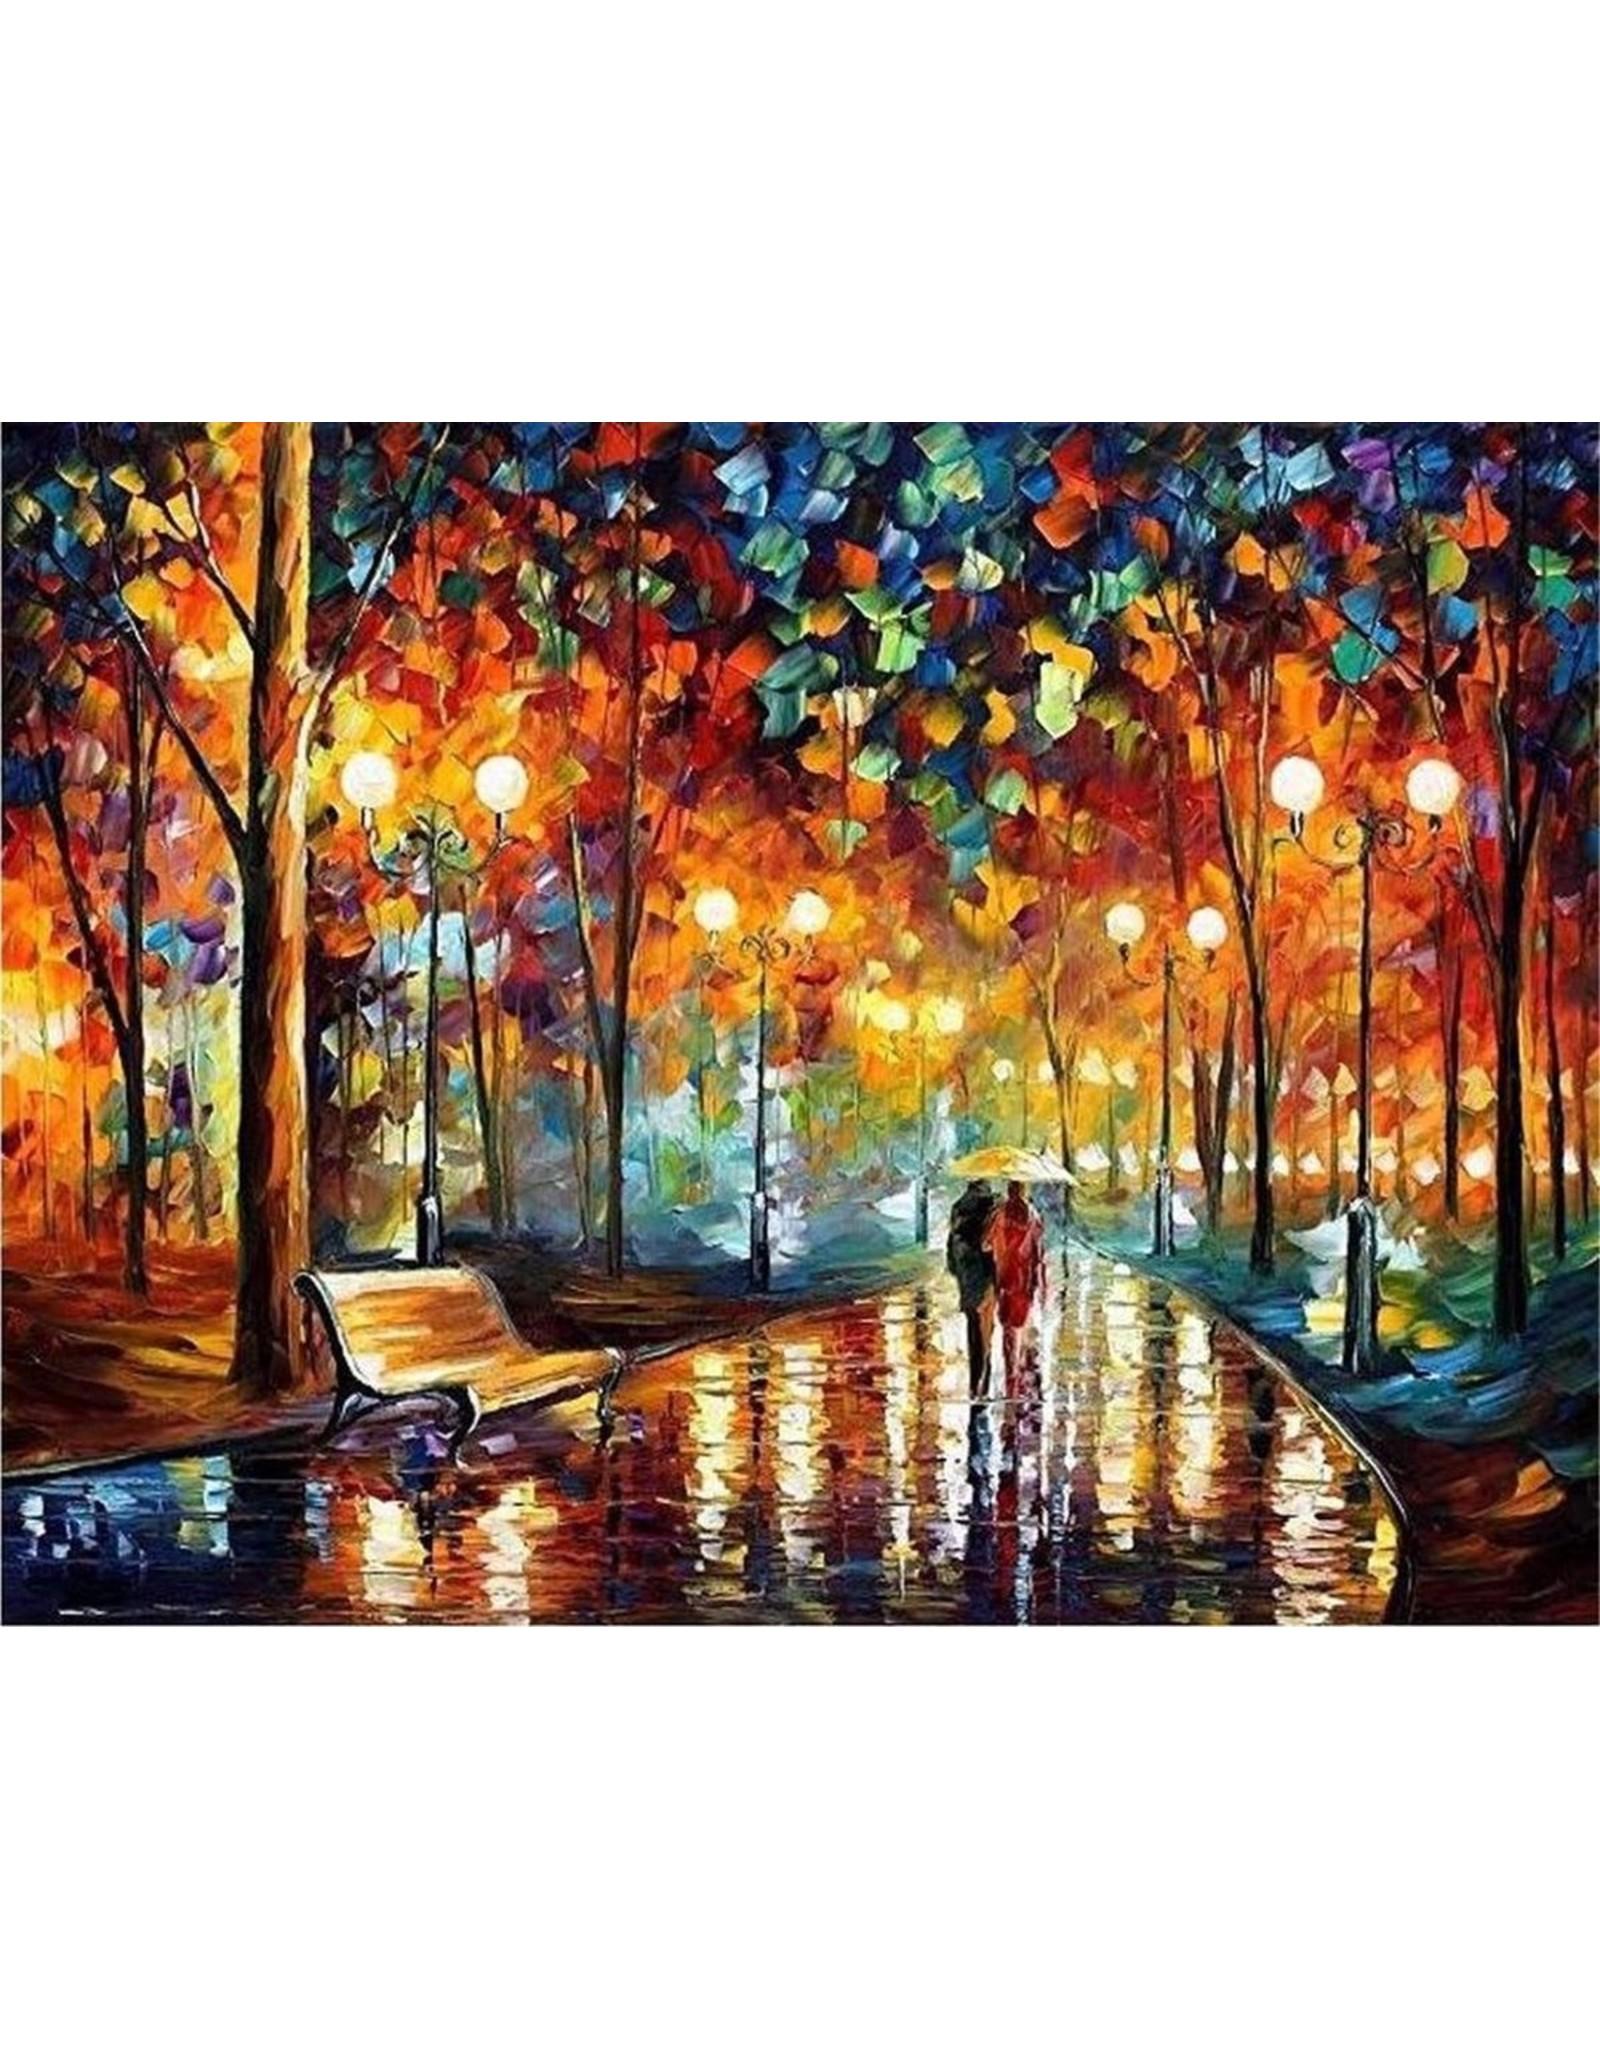 Parya Official Parya Official - Schilderen op nummer - Volwassenen - Starters pakket - 4 schilderijen - 40x50 cm